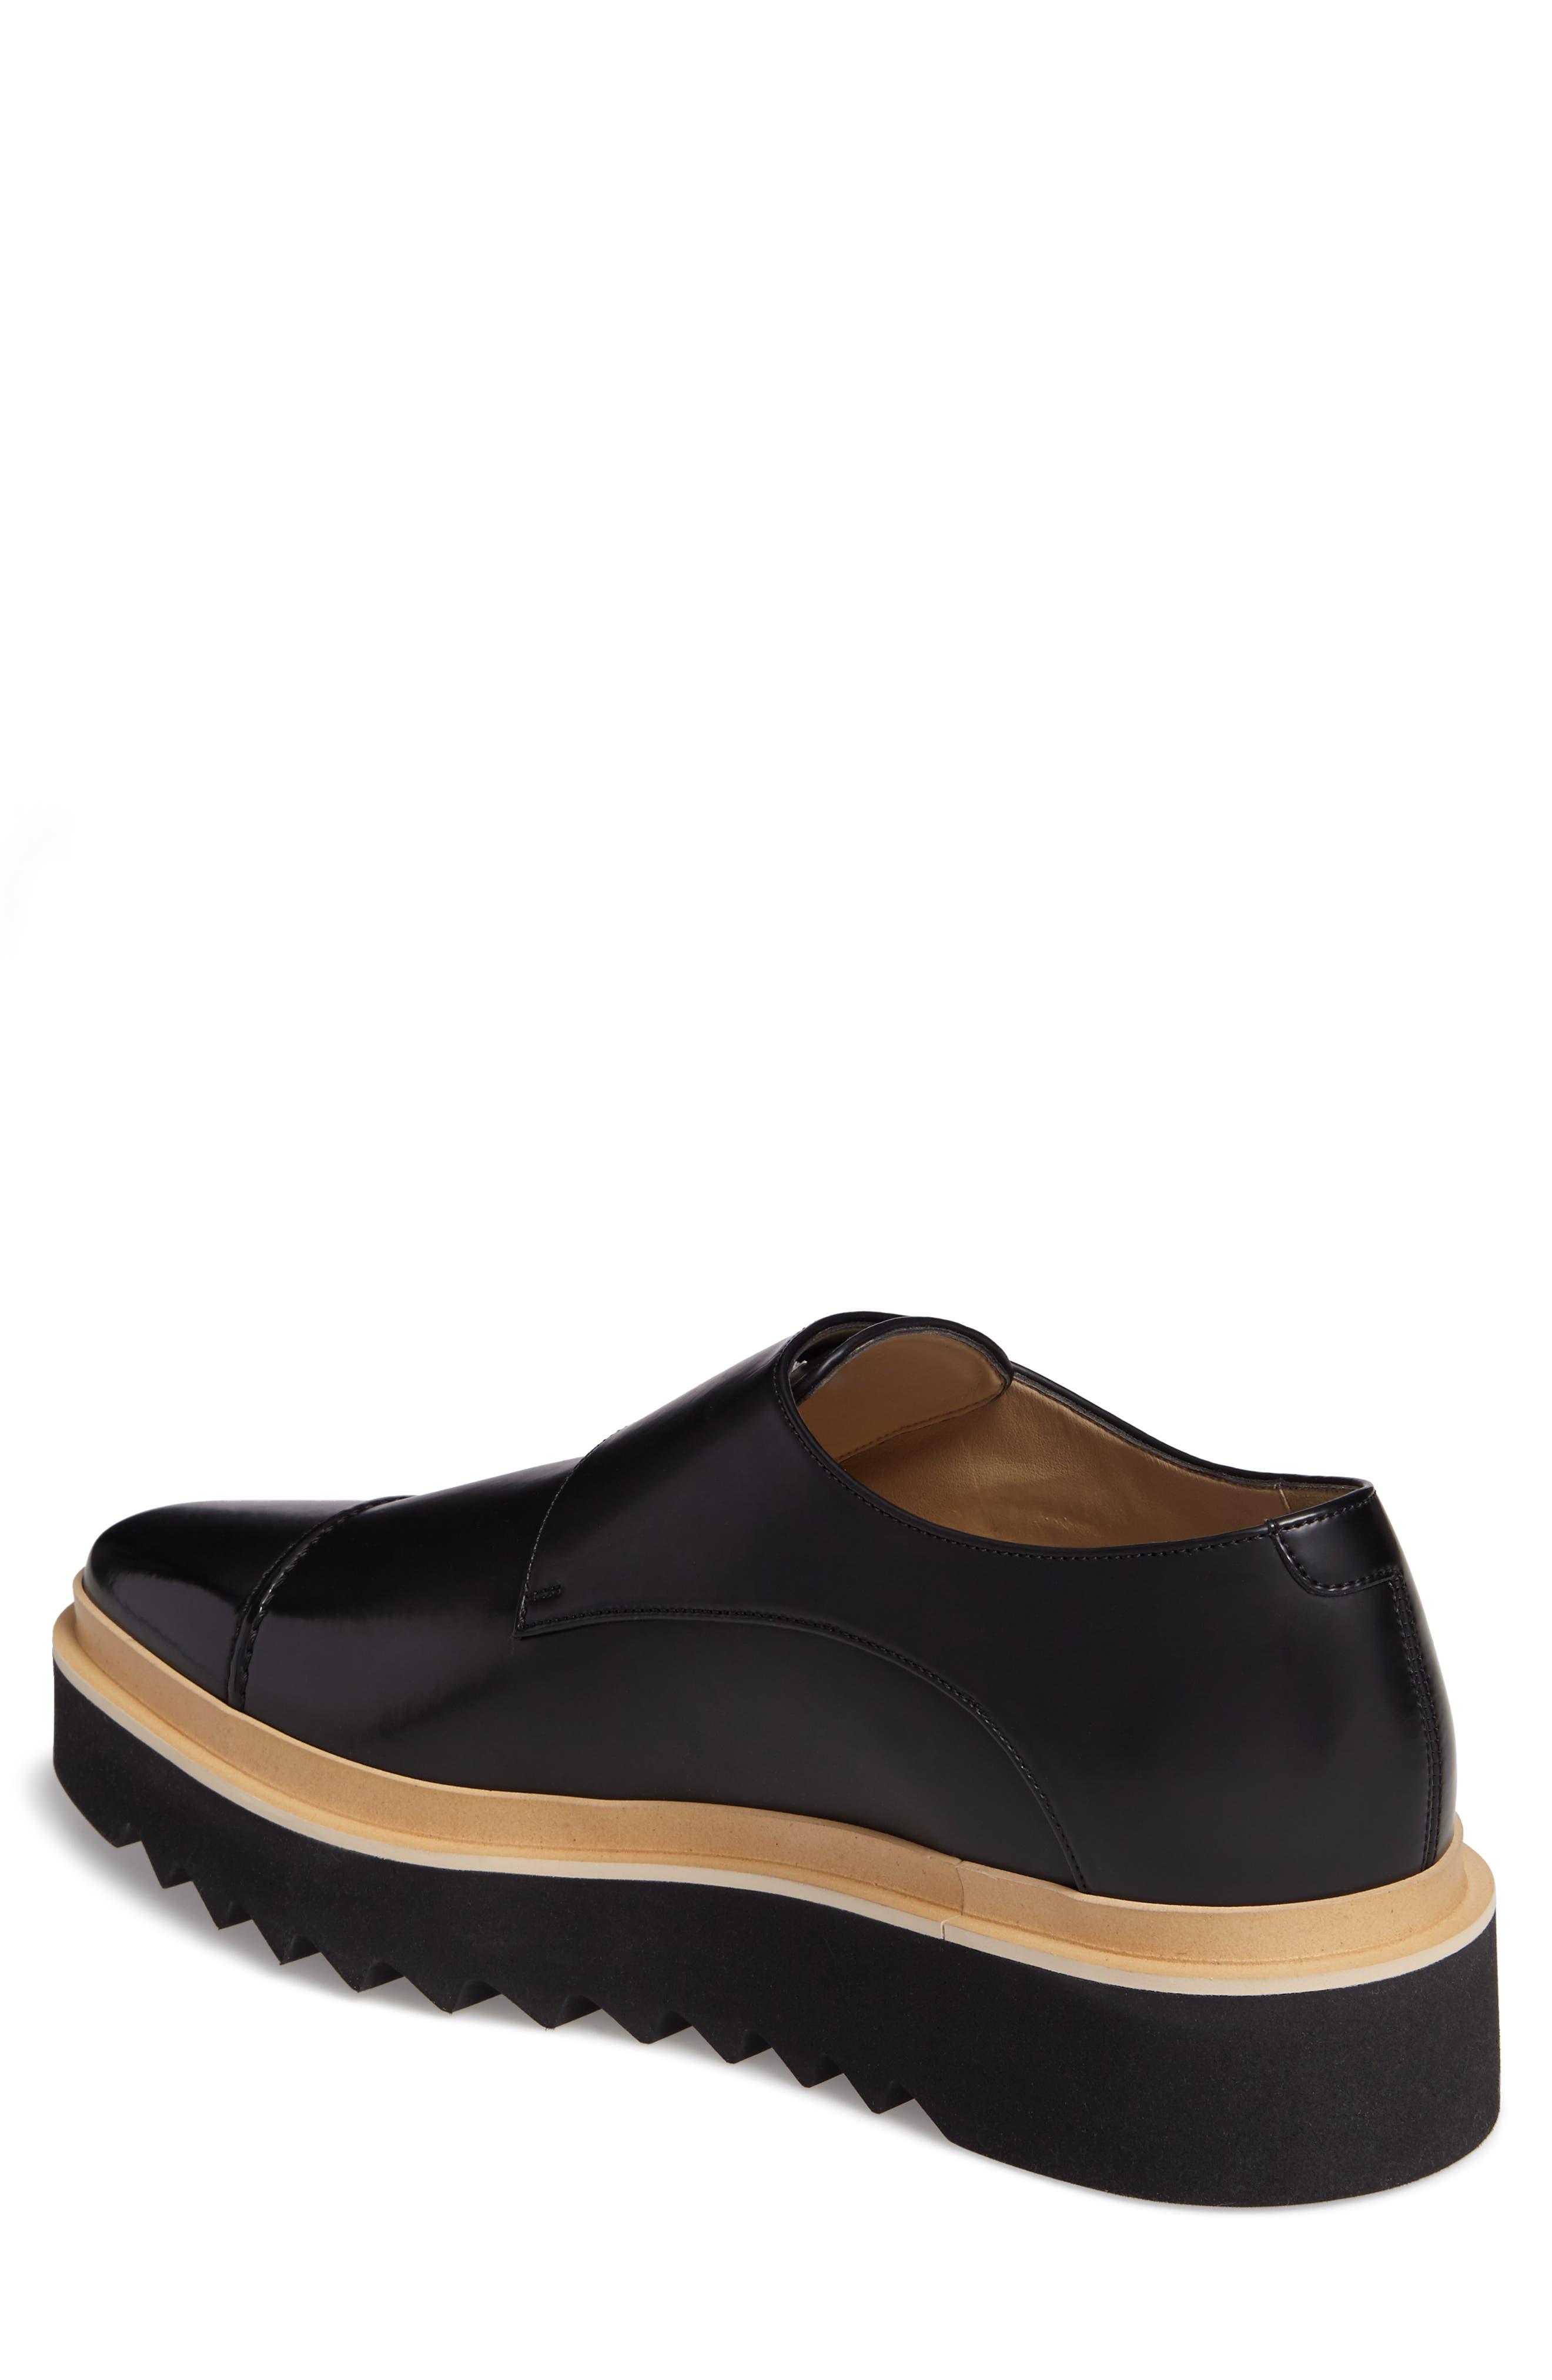 Peter Platform Monk Shoe,                             Alternate thumbnail 2, color,                             001